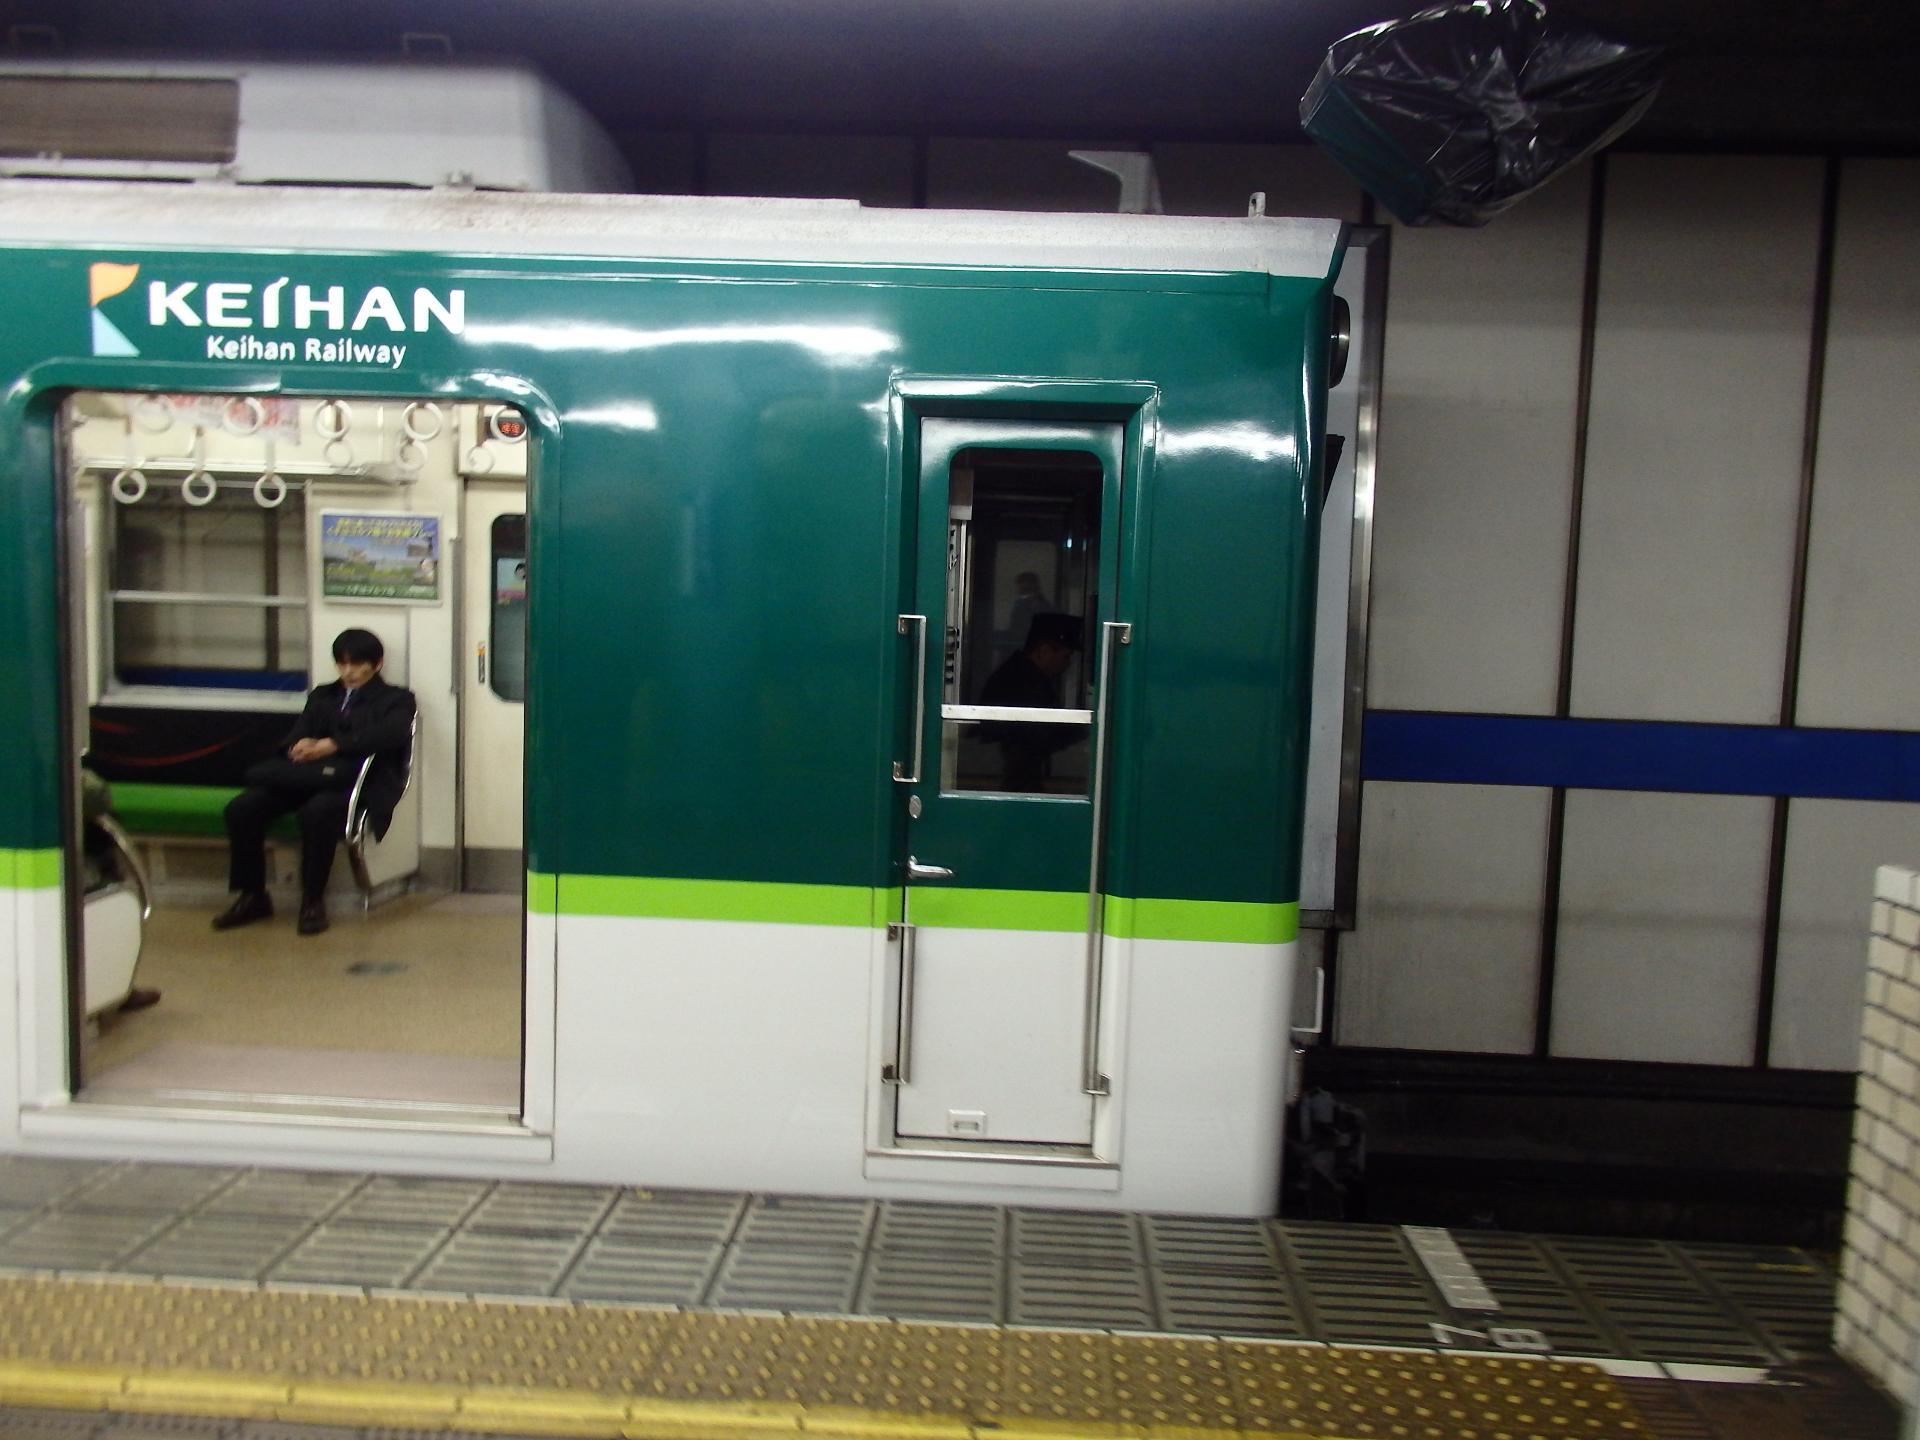 京阪5000系です。